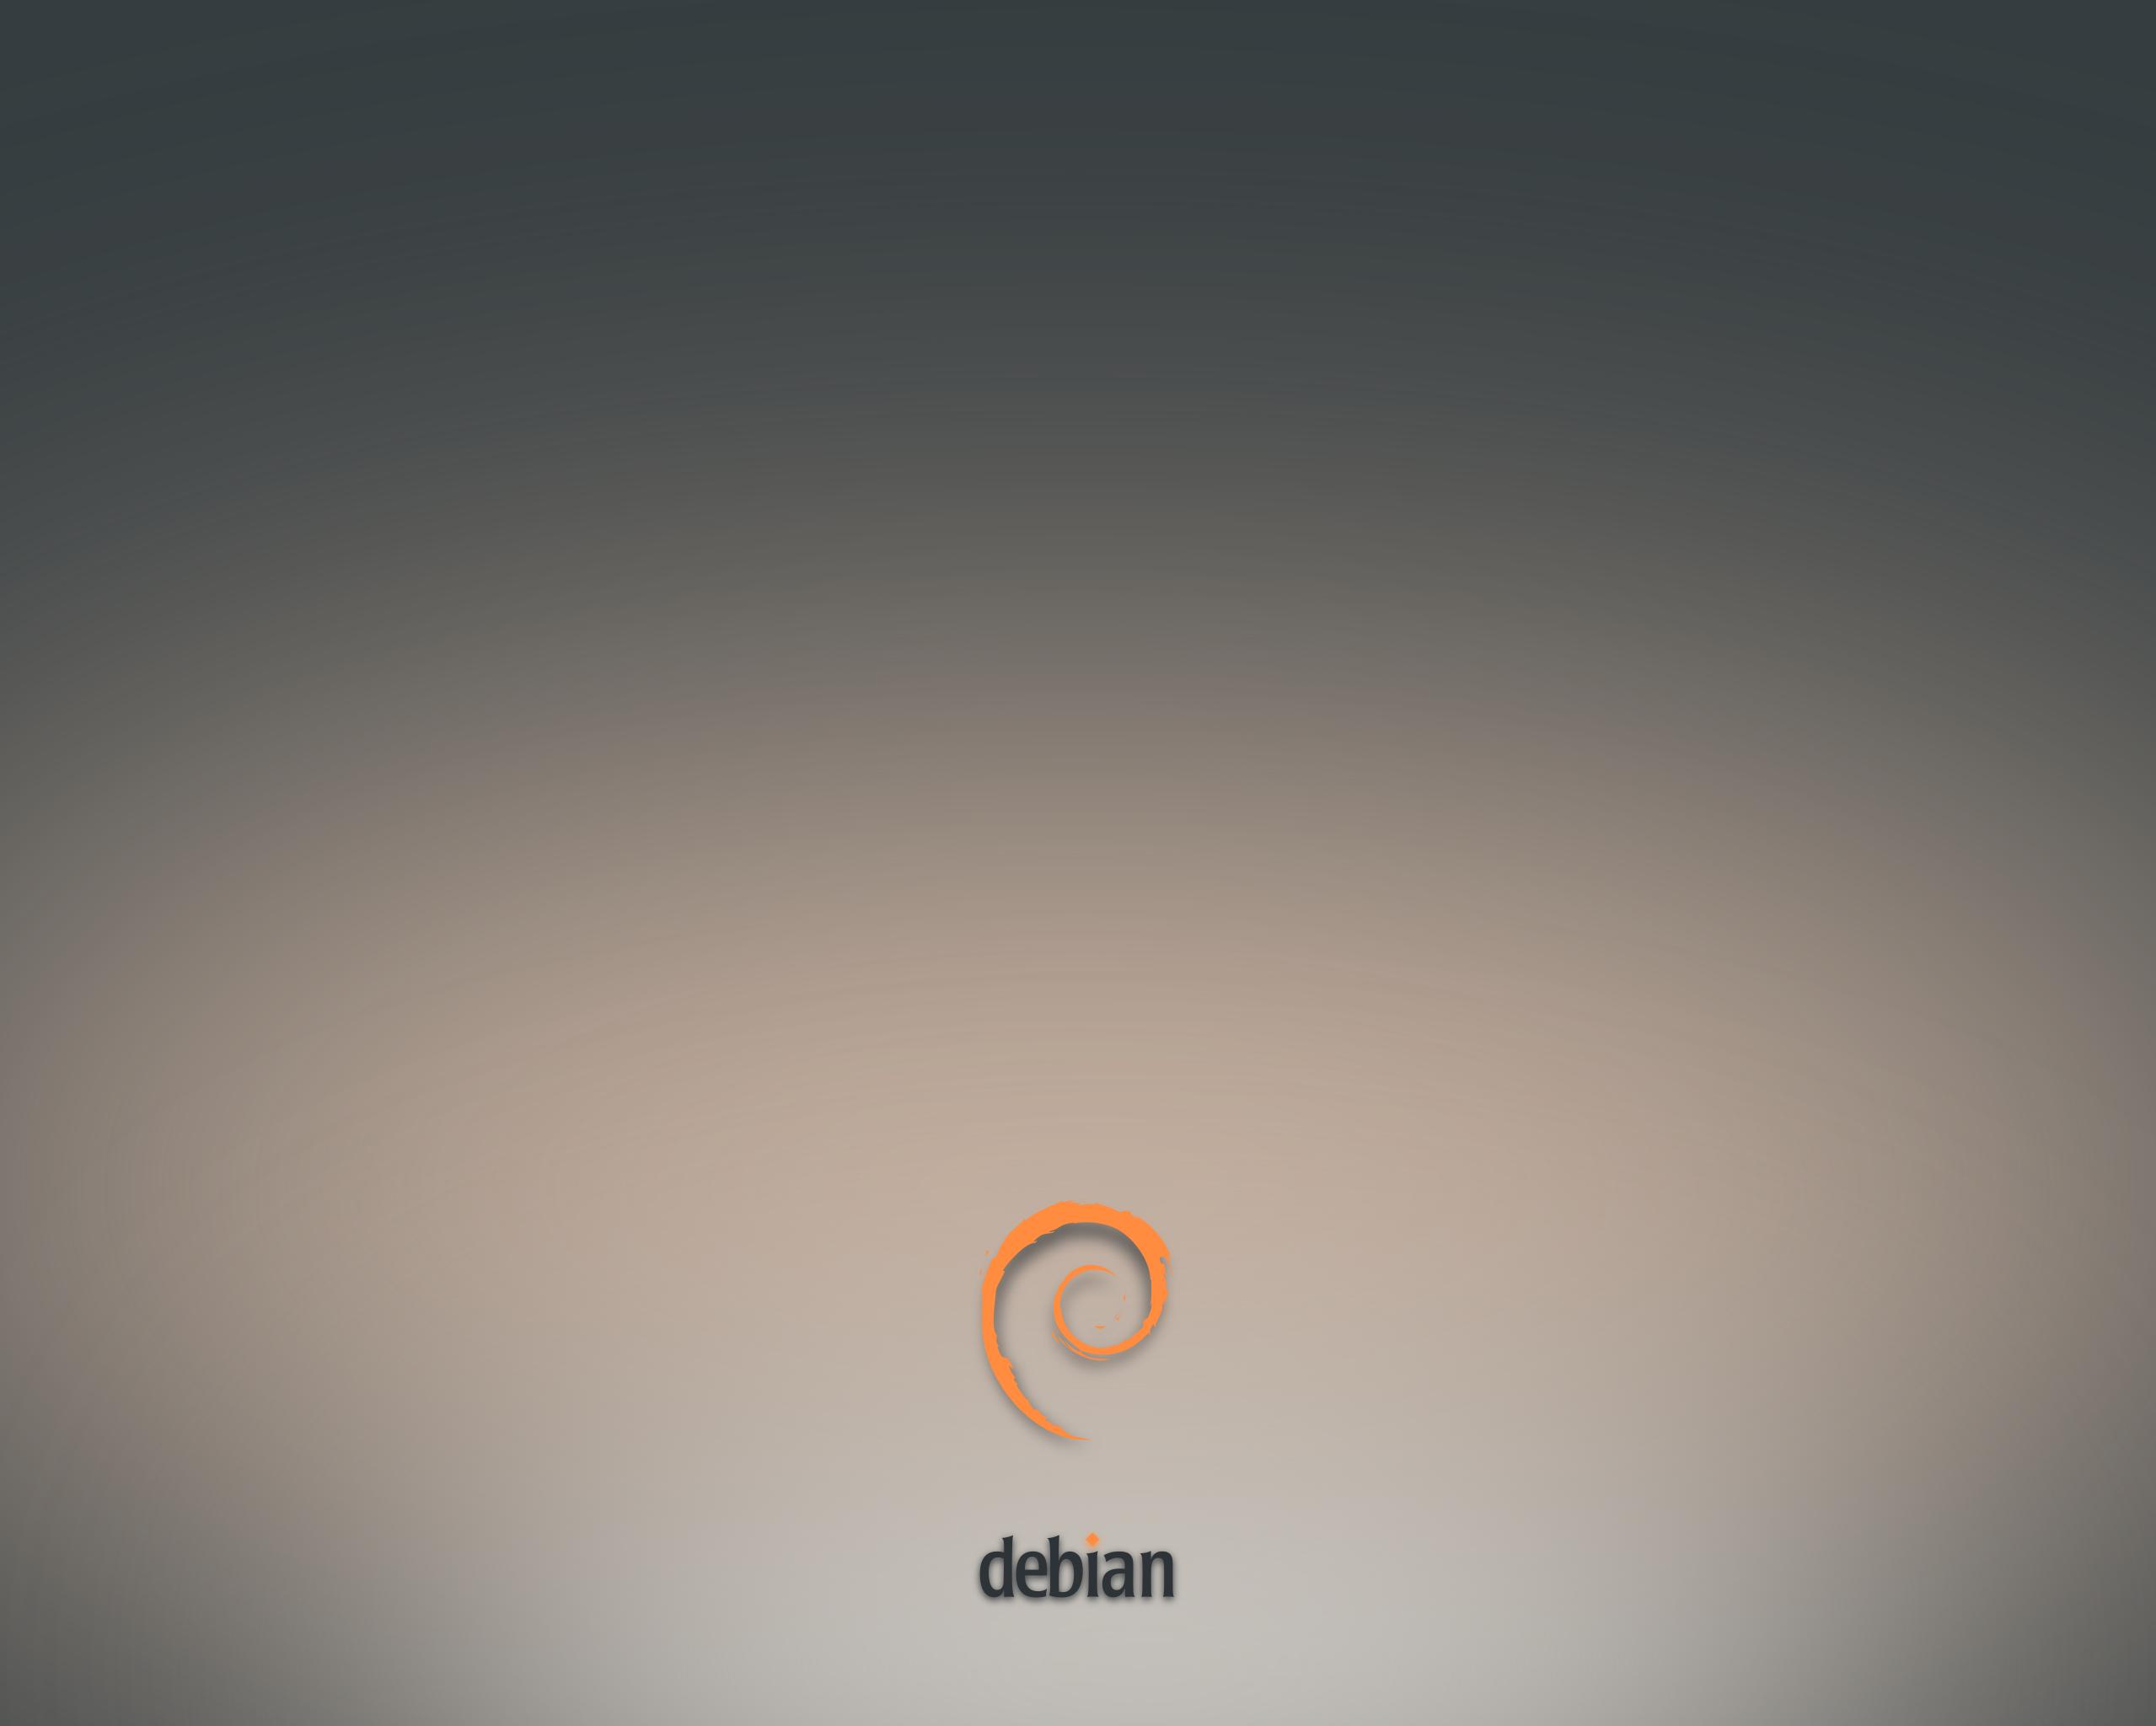 png/debian-10-2560x2048-SXGA-5.4.png